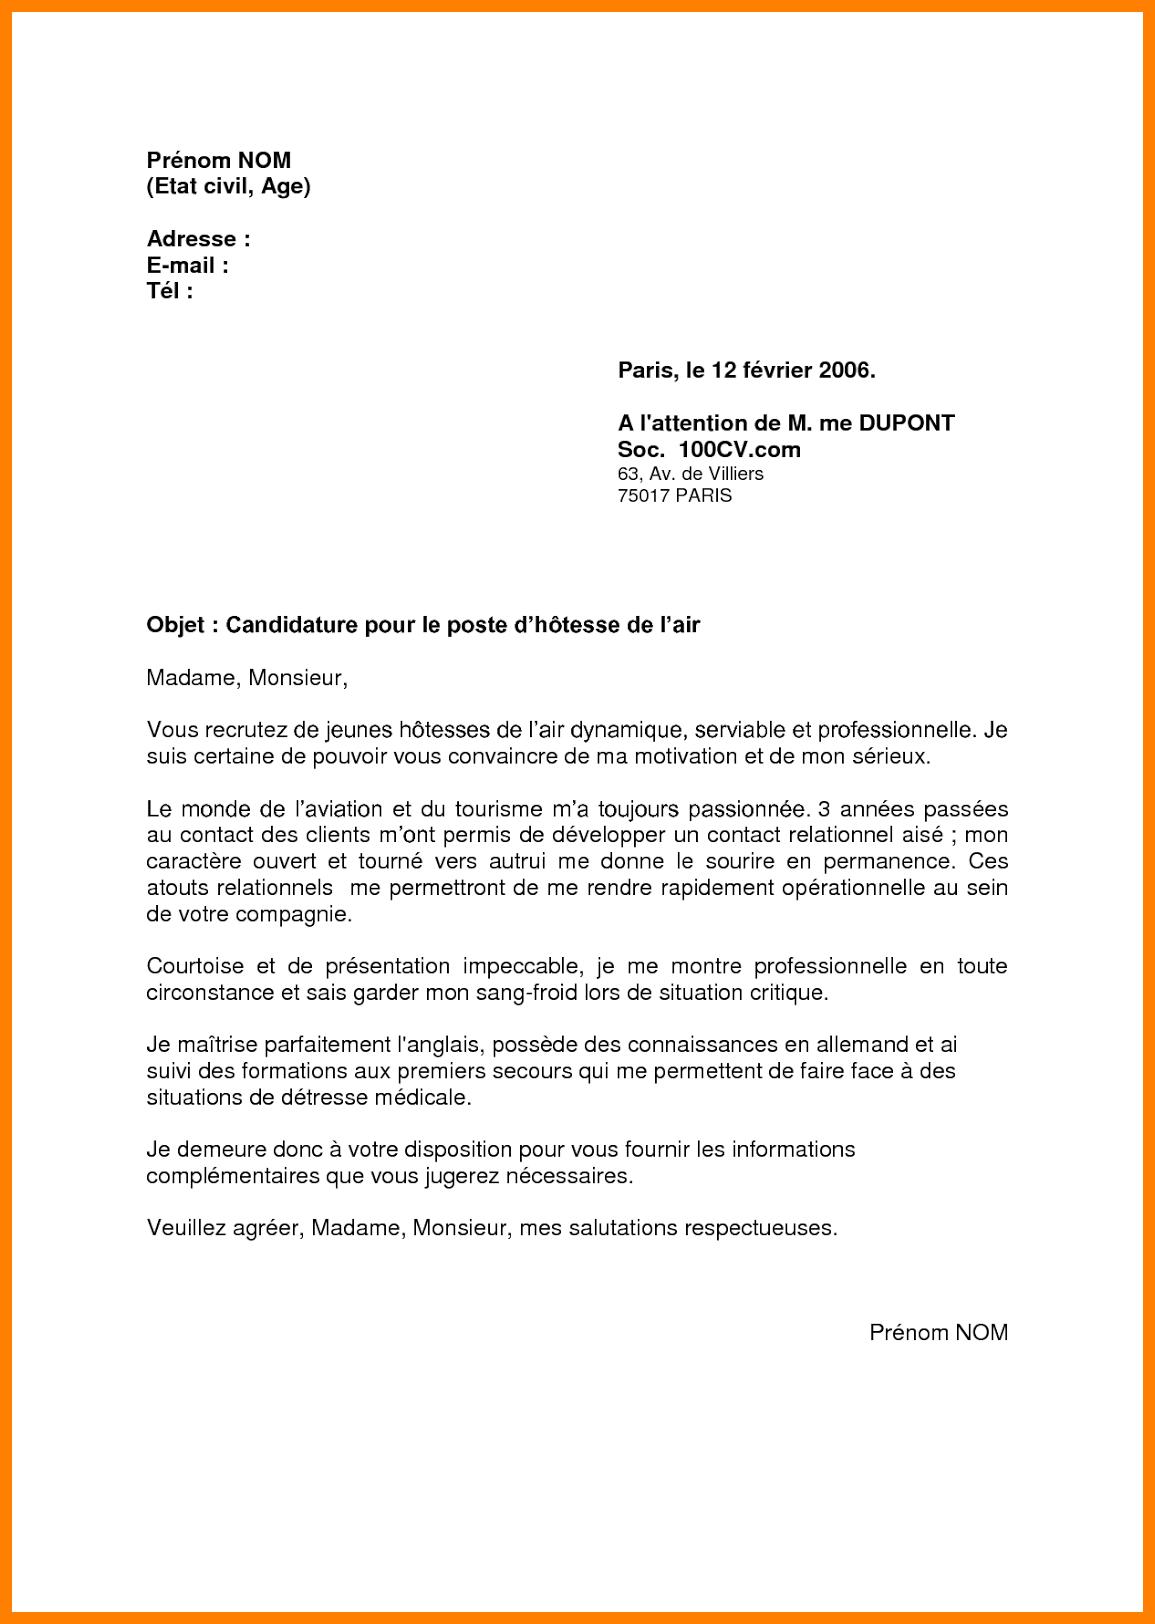 Exemple d une lettre de motivation en francais - laboite-cv.fr